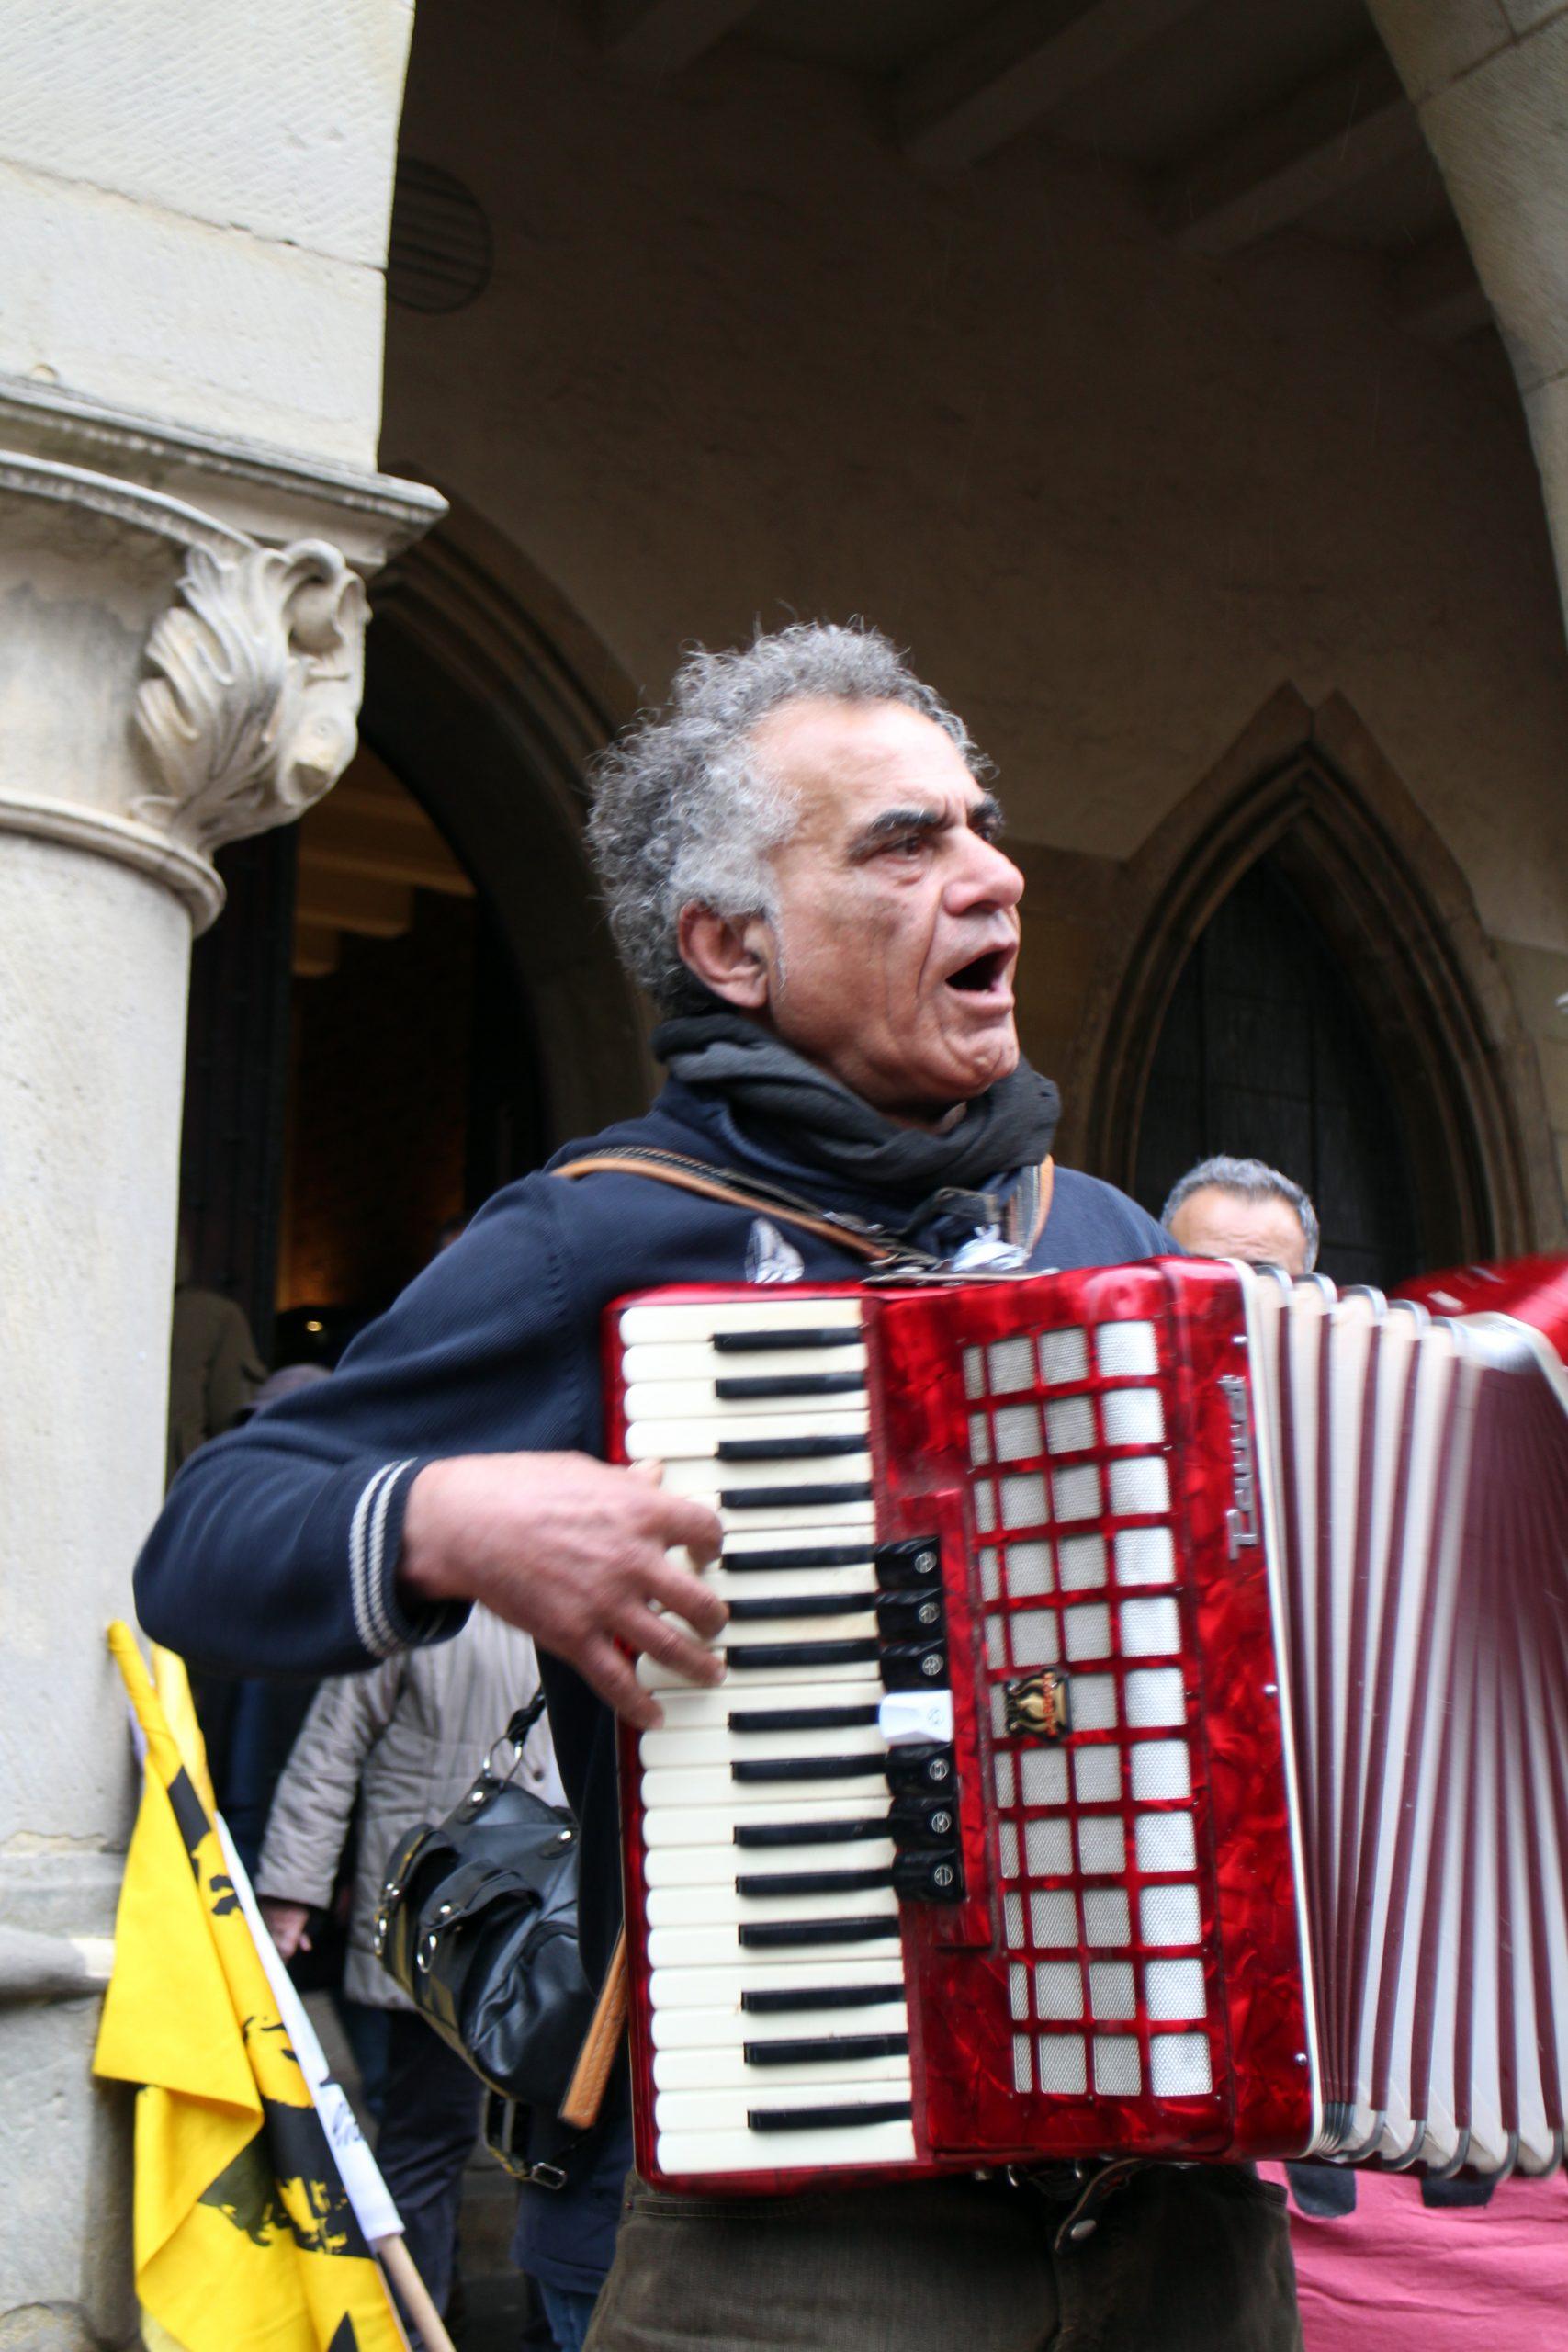 Es wird persische Musik gespielt...